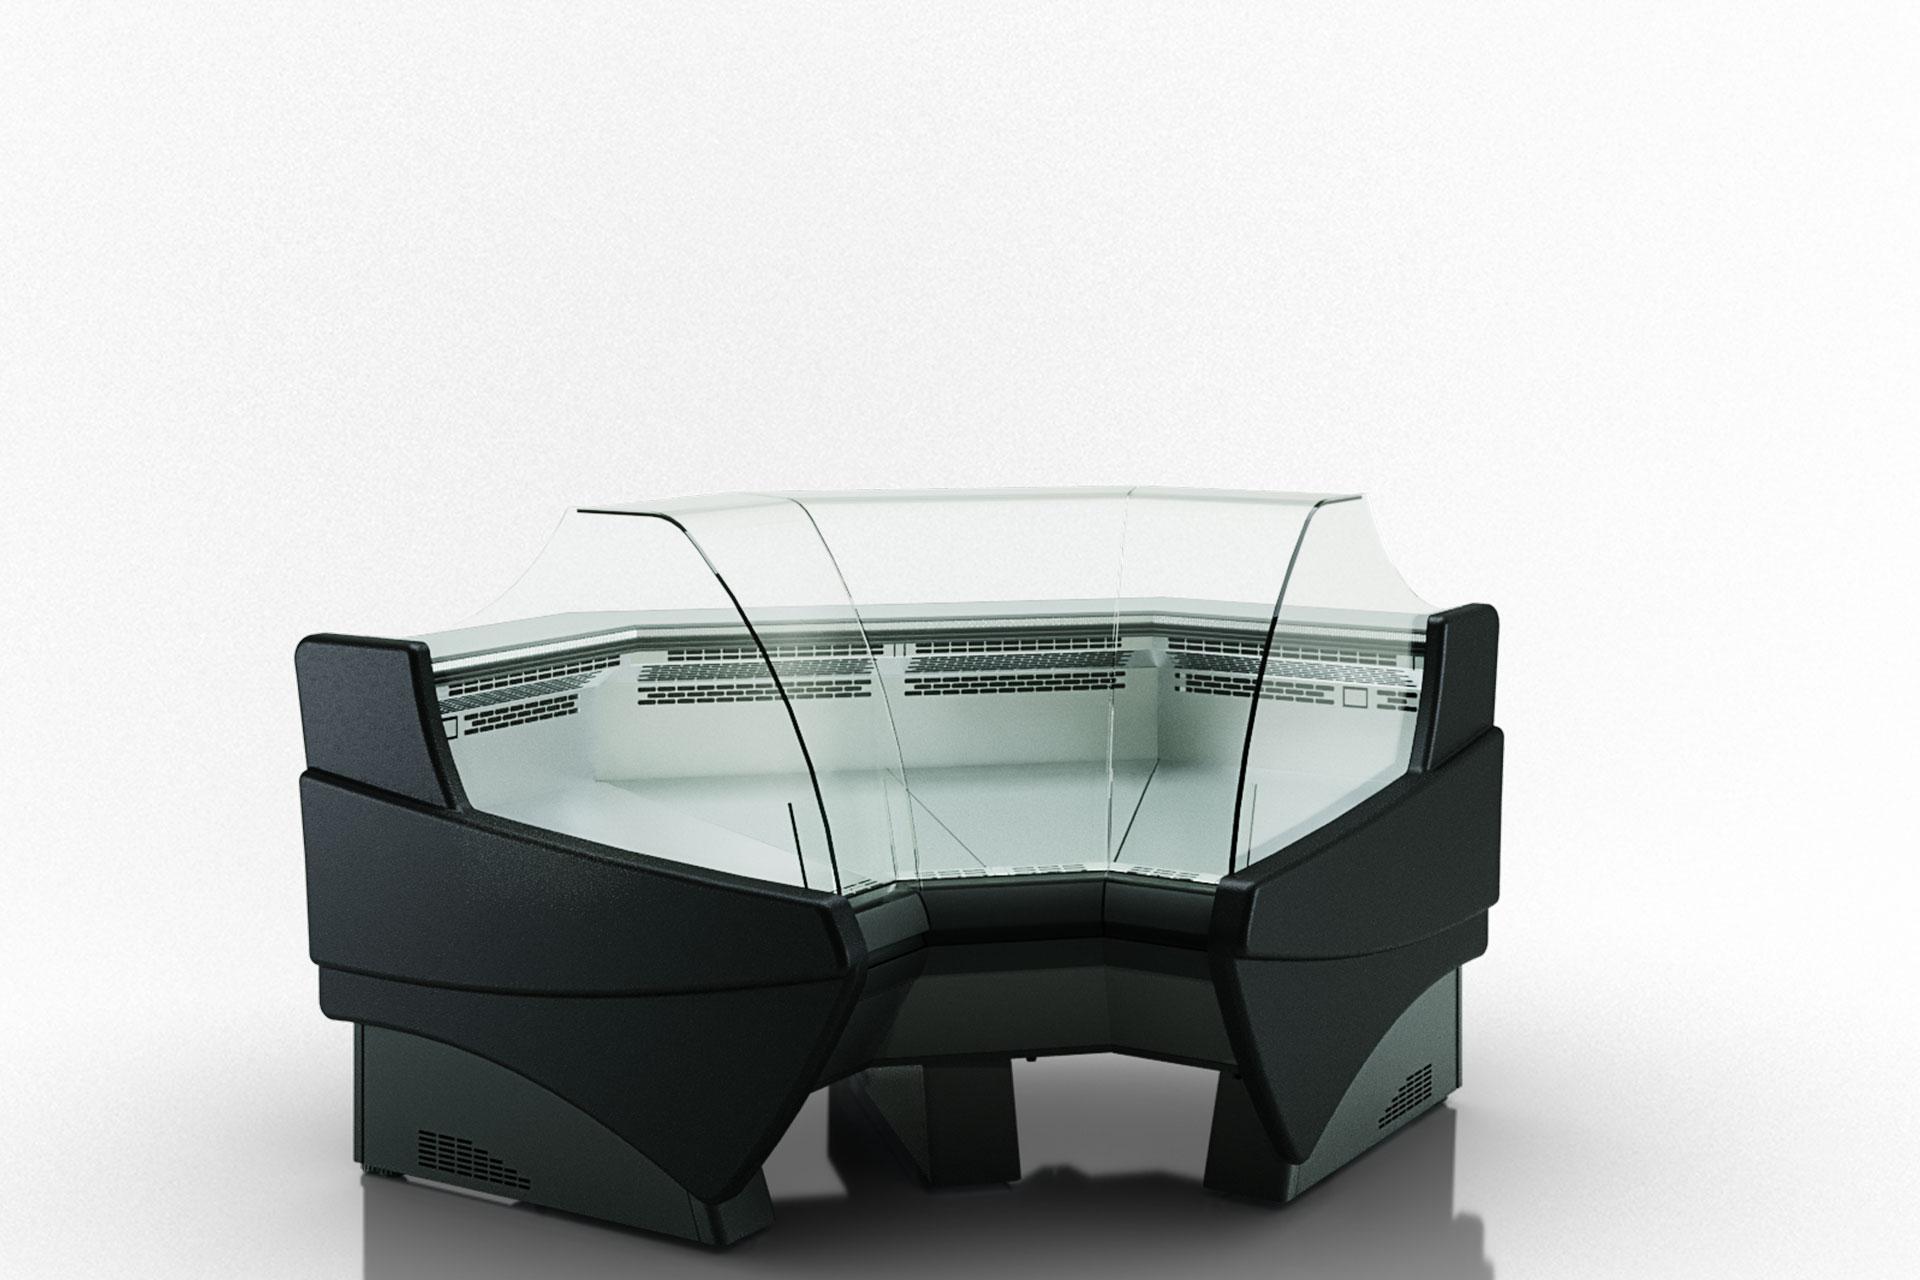 Kühlvitrinen Symphony luxe MG 100 deli T 110-DLM-IS90